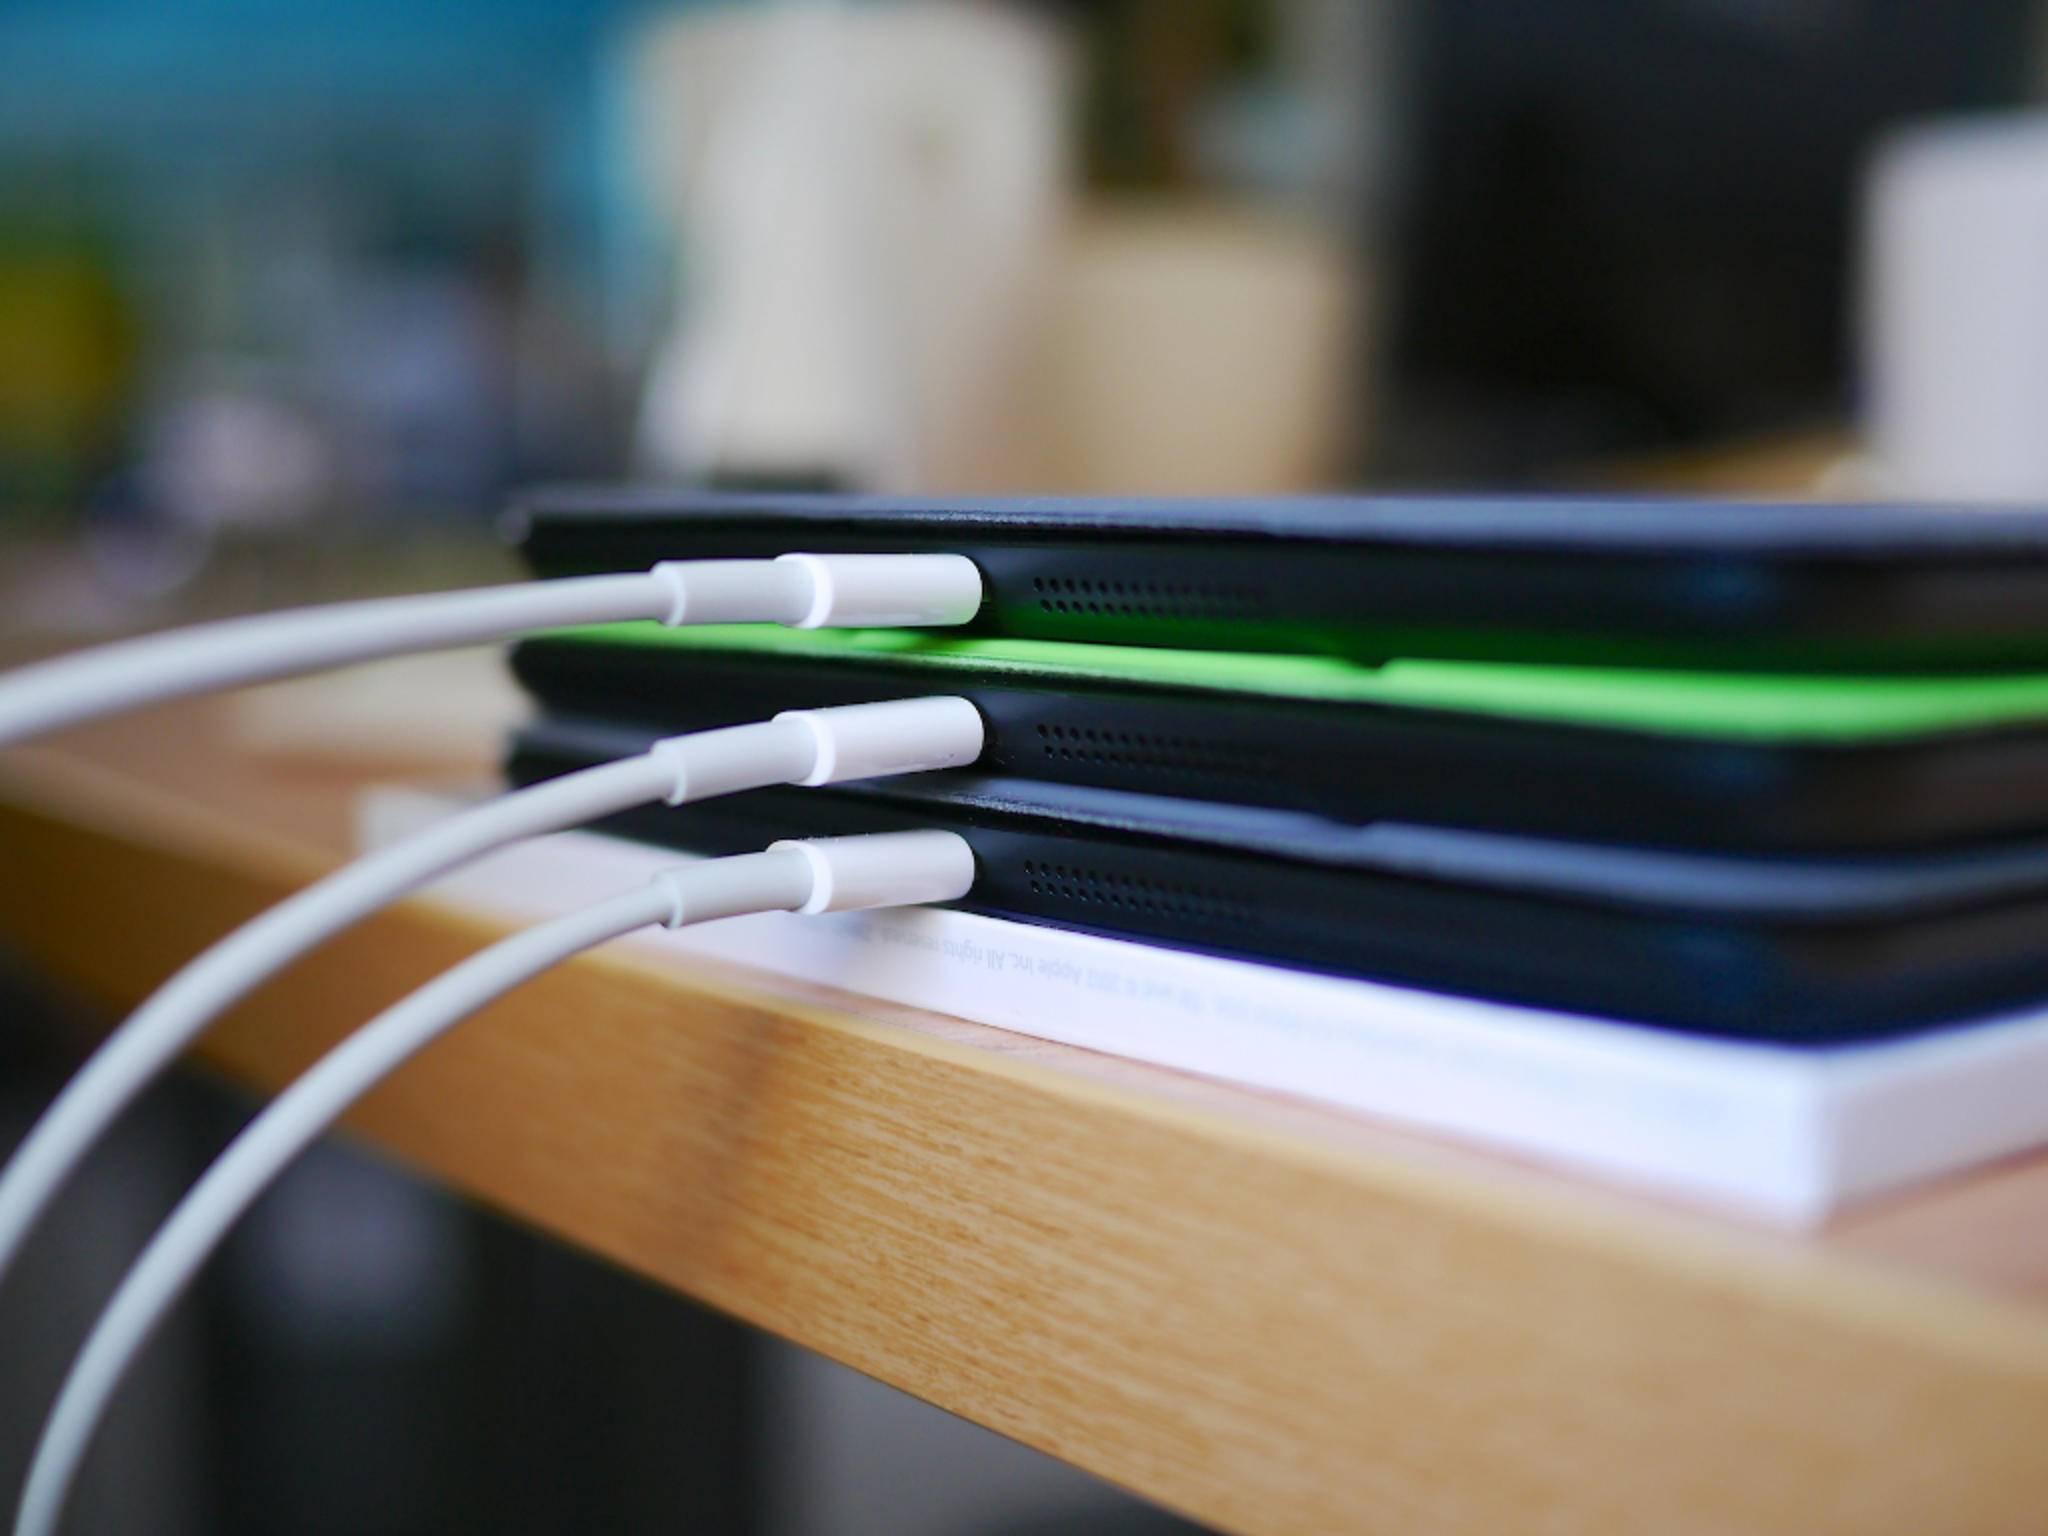 Wenn das iPad nicht mehr lädt, kann das mehrere Ursachen haben.